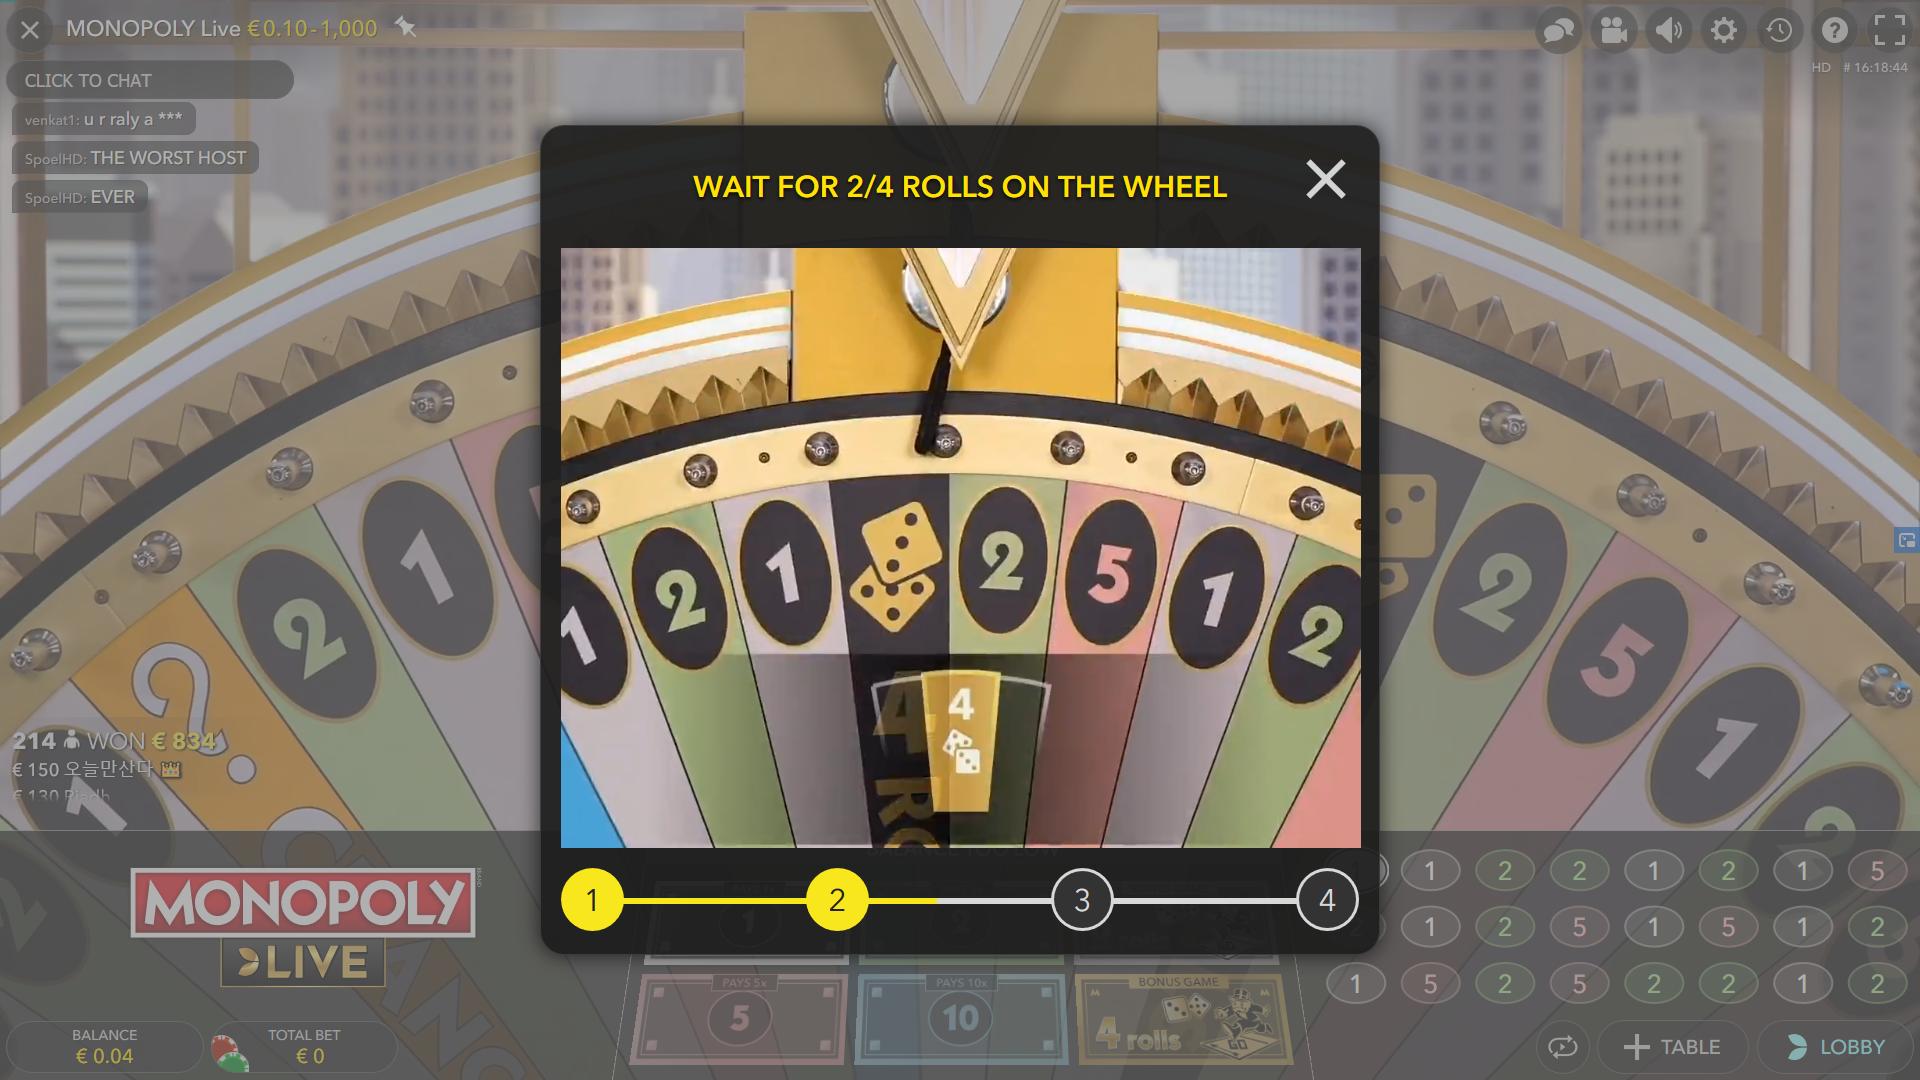 bermain monopoli langsung online - layar pengantar roda uang - mainkan kasino langsung monopoli - putaran langsung monopoli